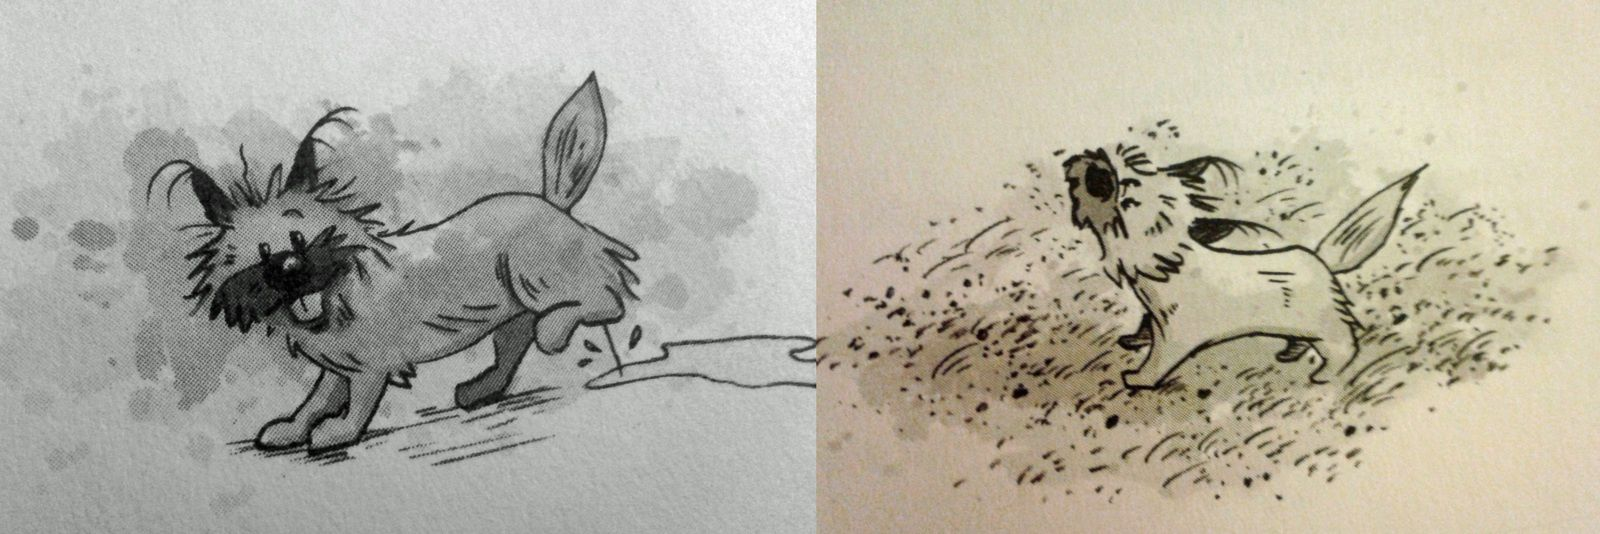 le chat Tête de Fesses / l'écureuil qui fait hi hi / Fleur (c'est elle que je préfère)